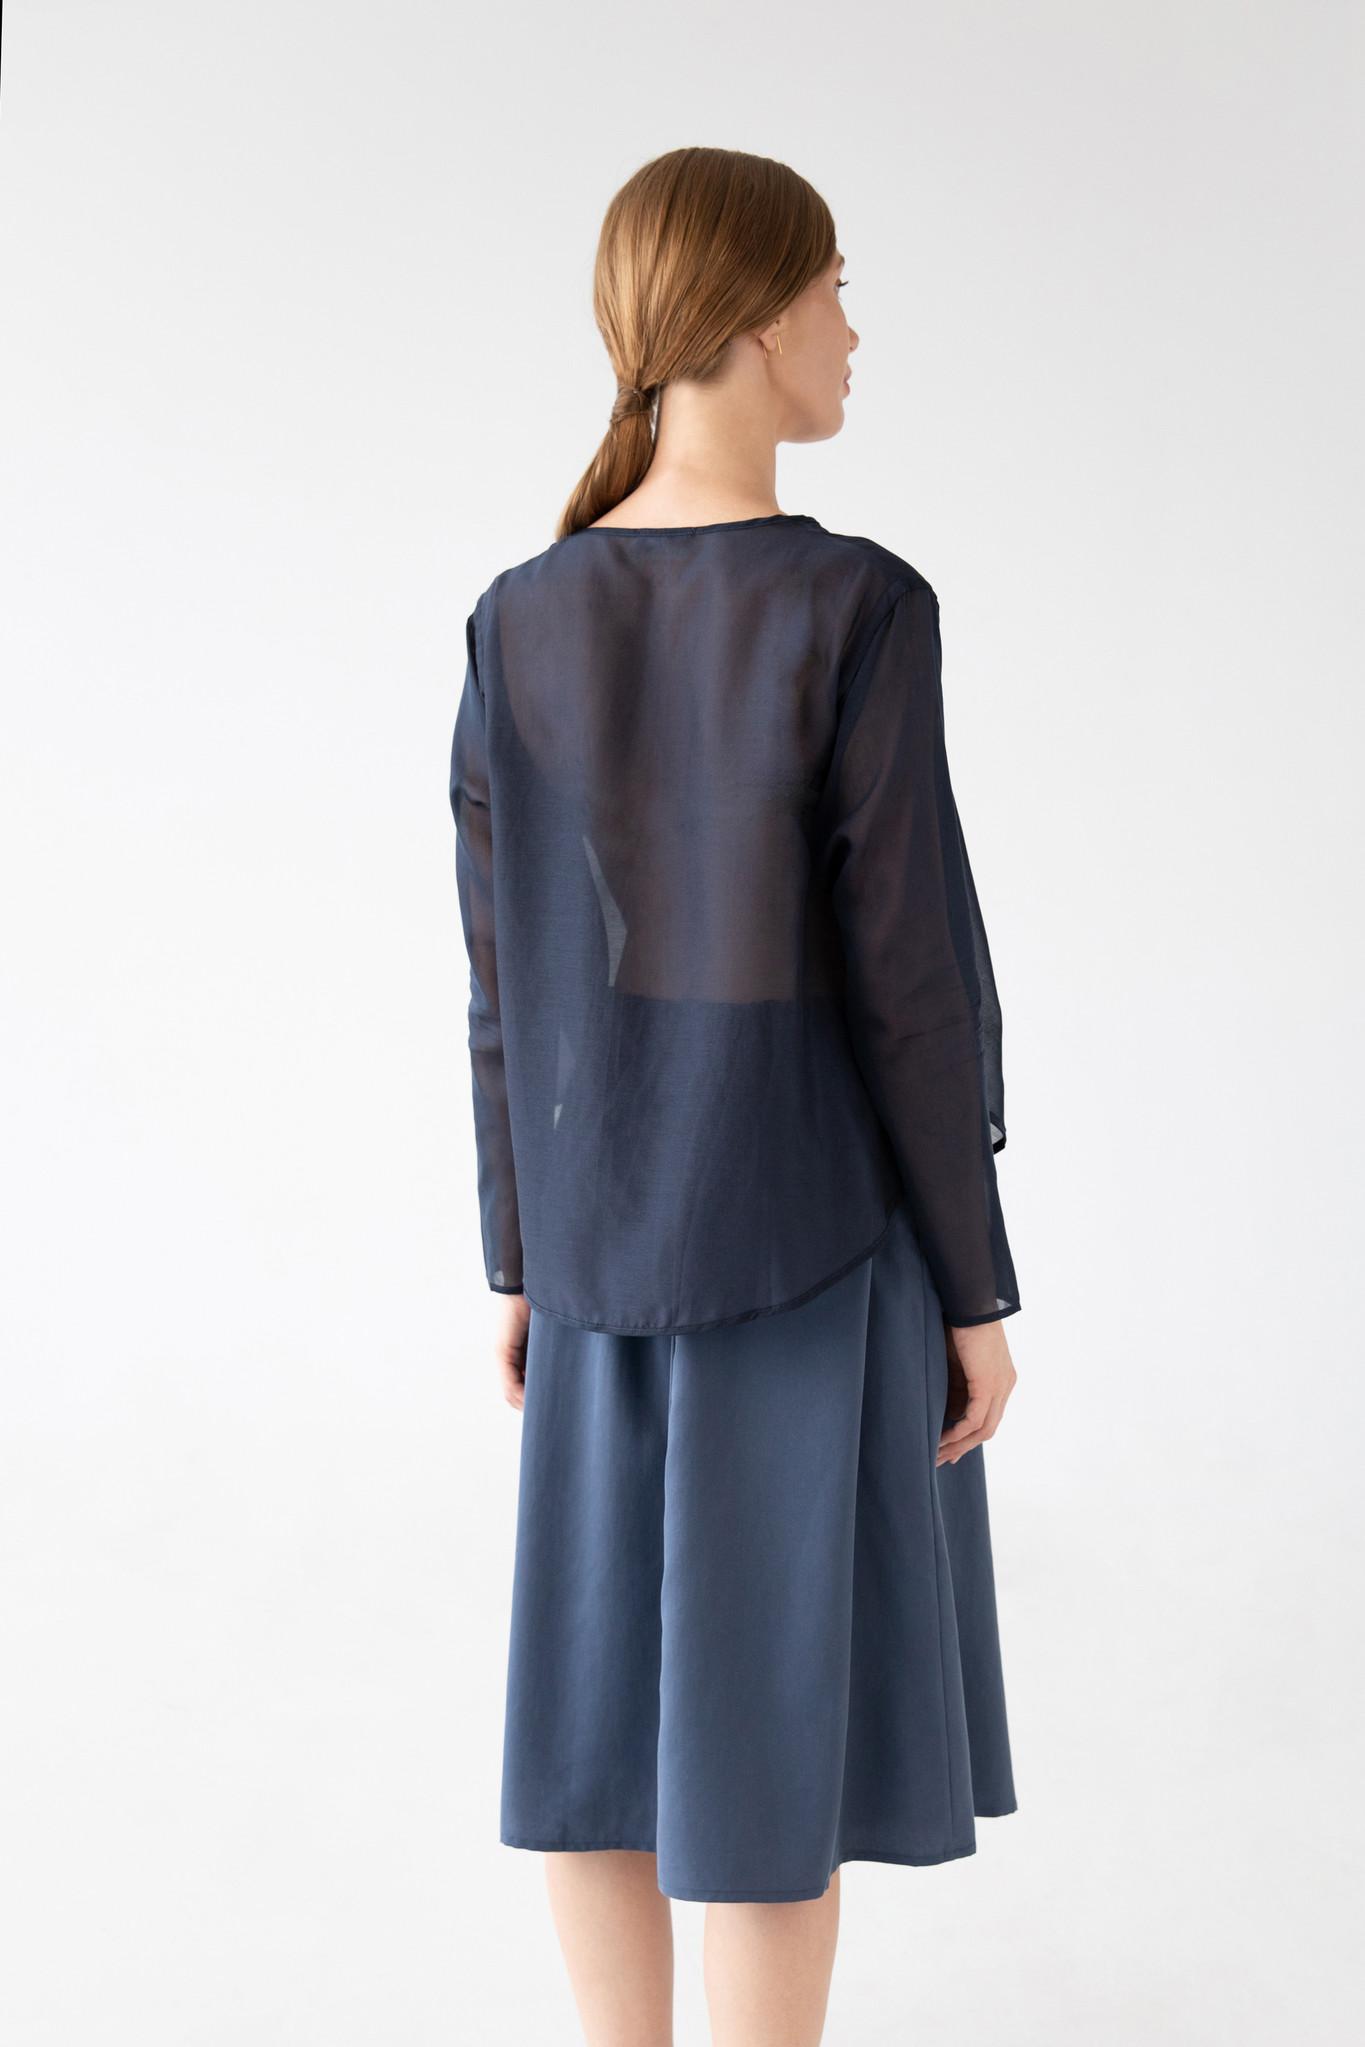 Shirt with round hem made of silk blend - blue-5